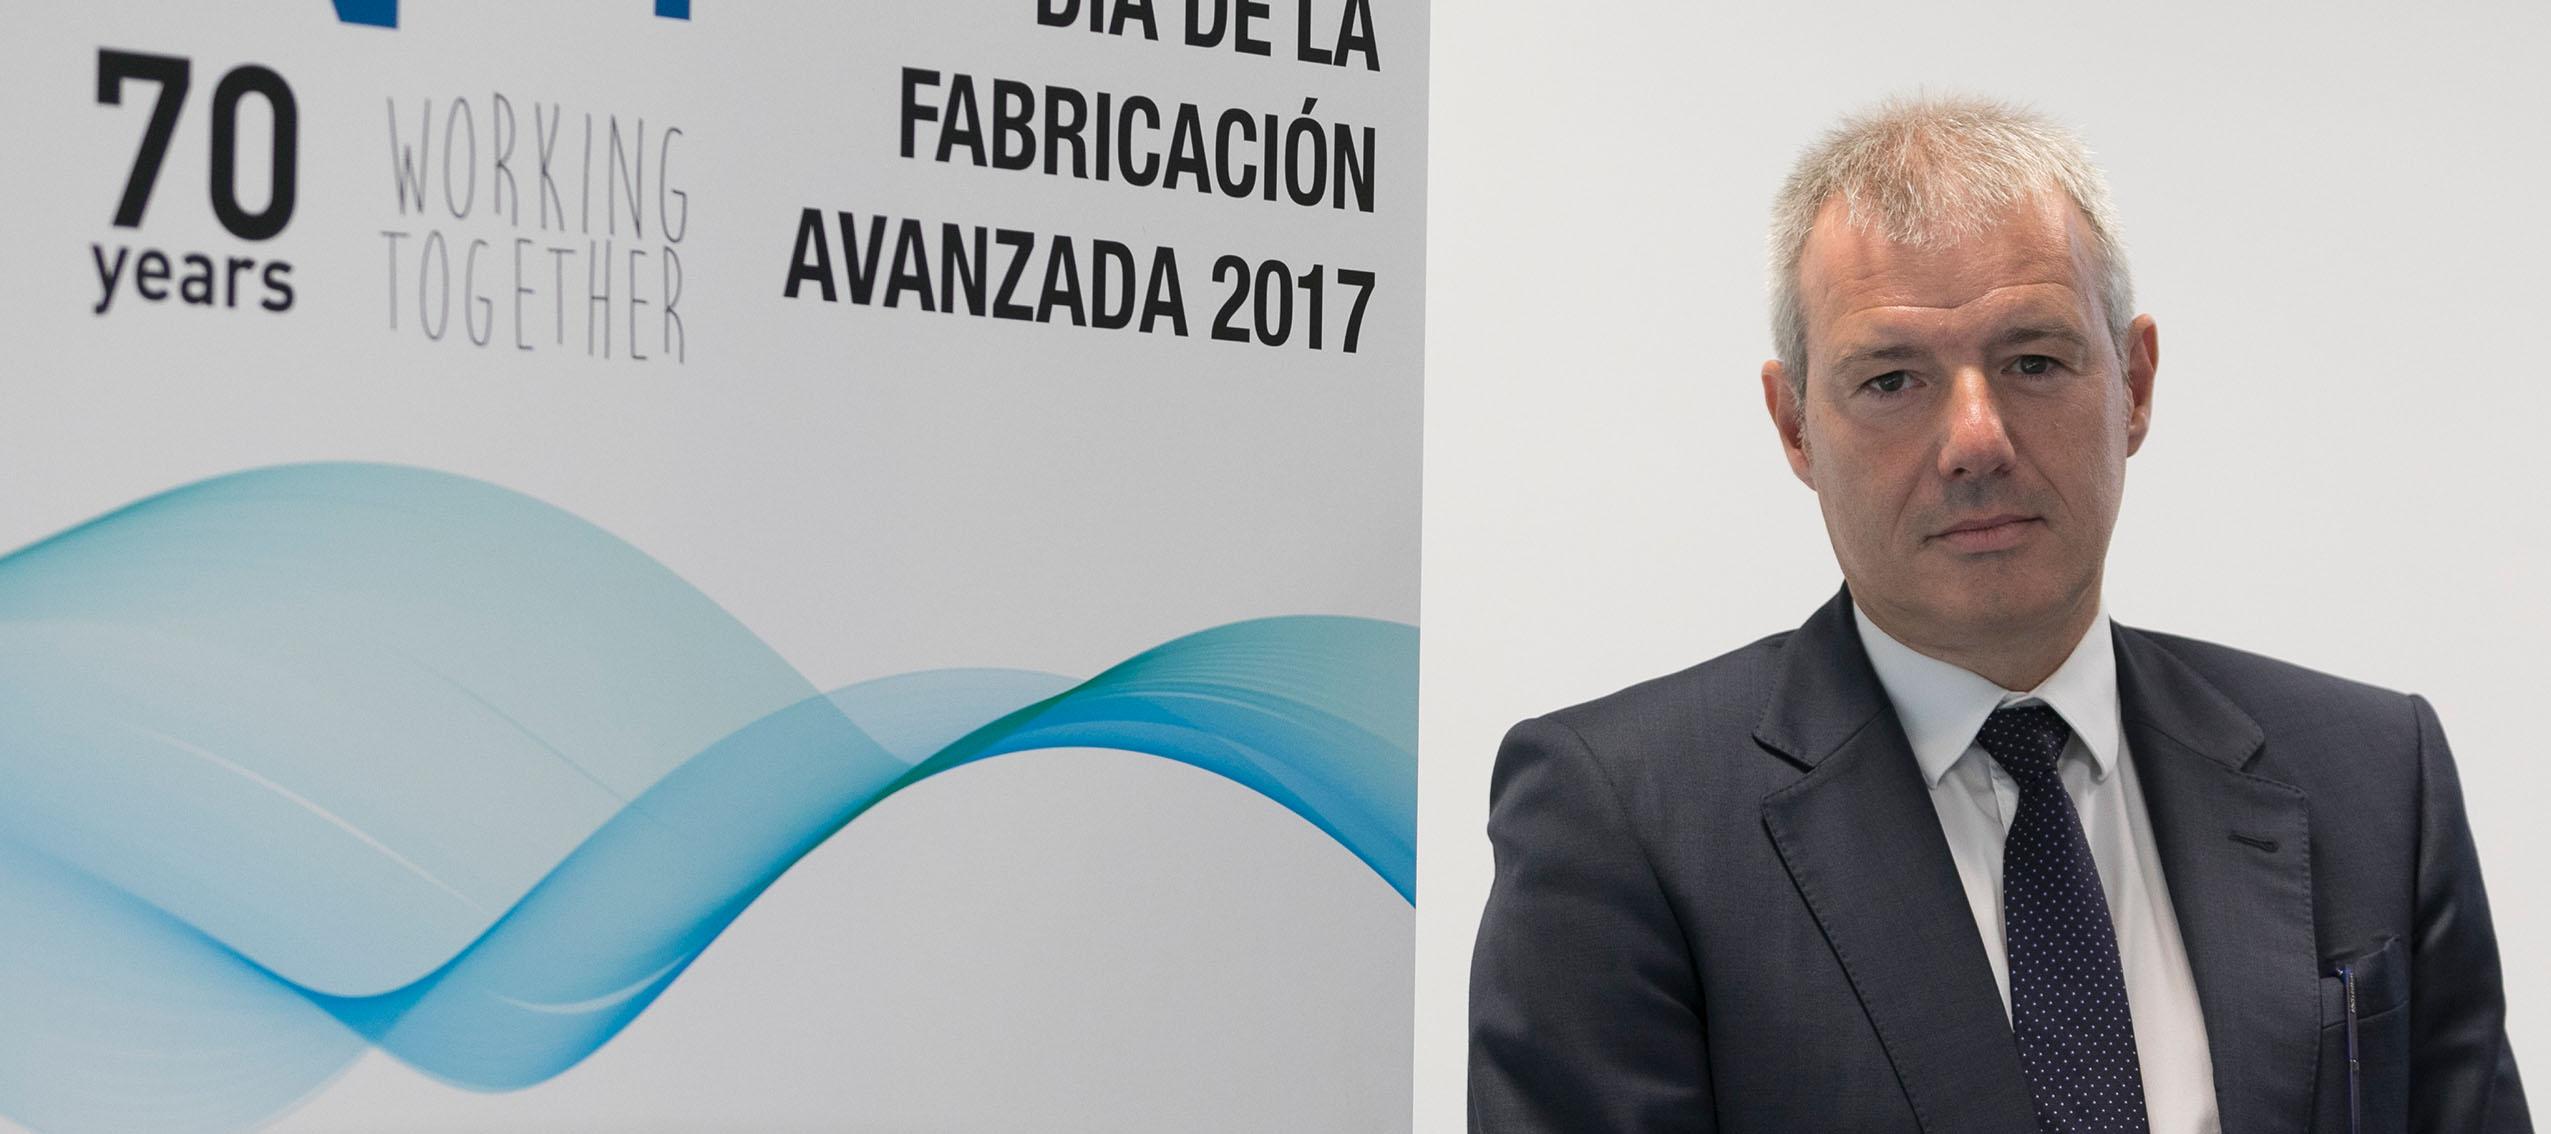 Alfonso Urzainki de EGILE CORPORATION XXI, nuevo presidente de ADDIMAT